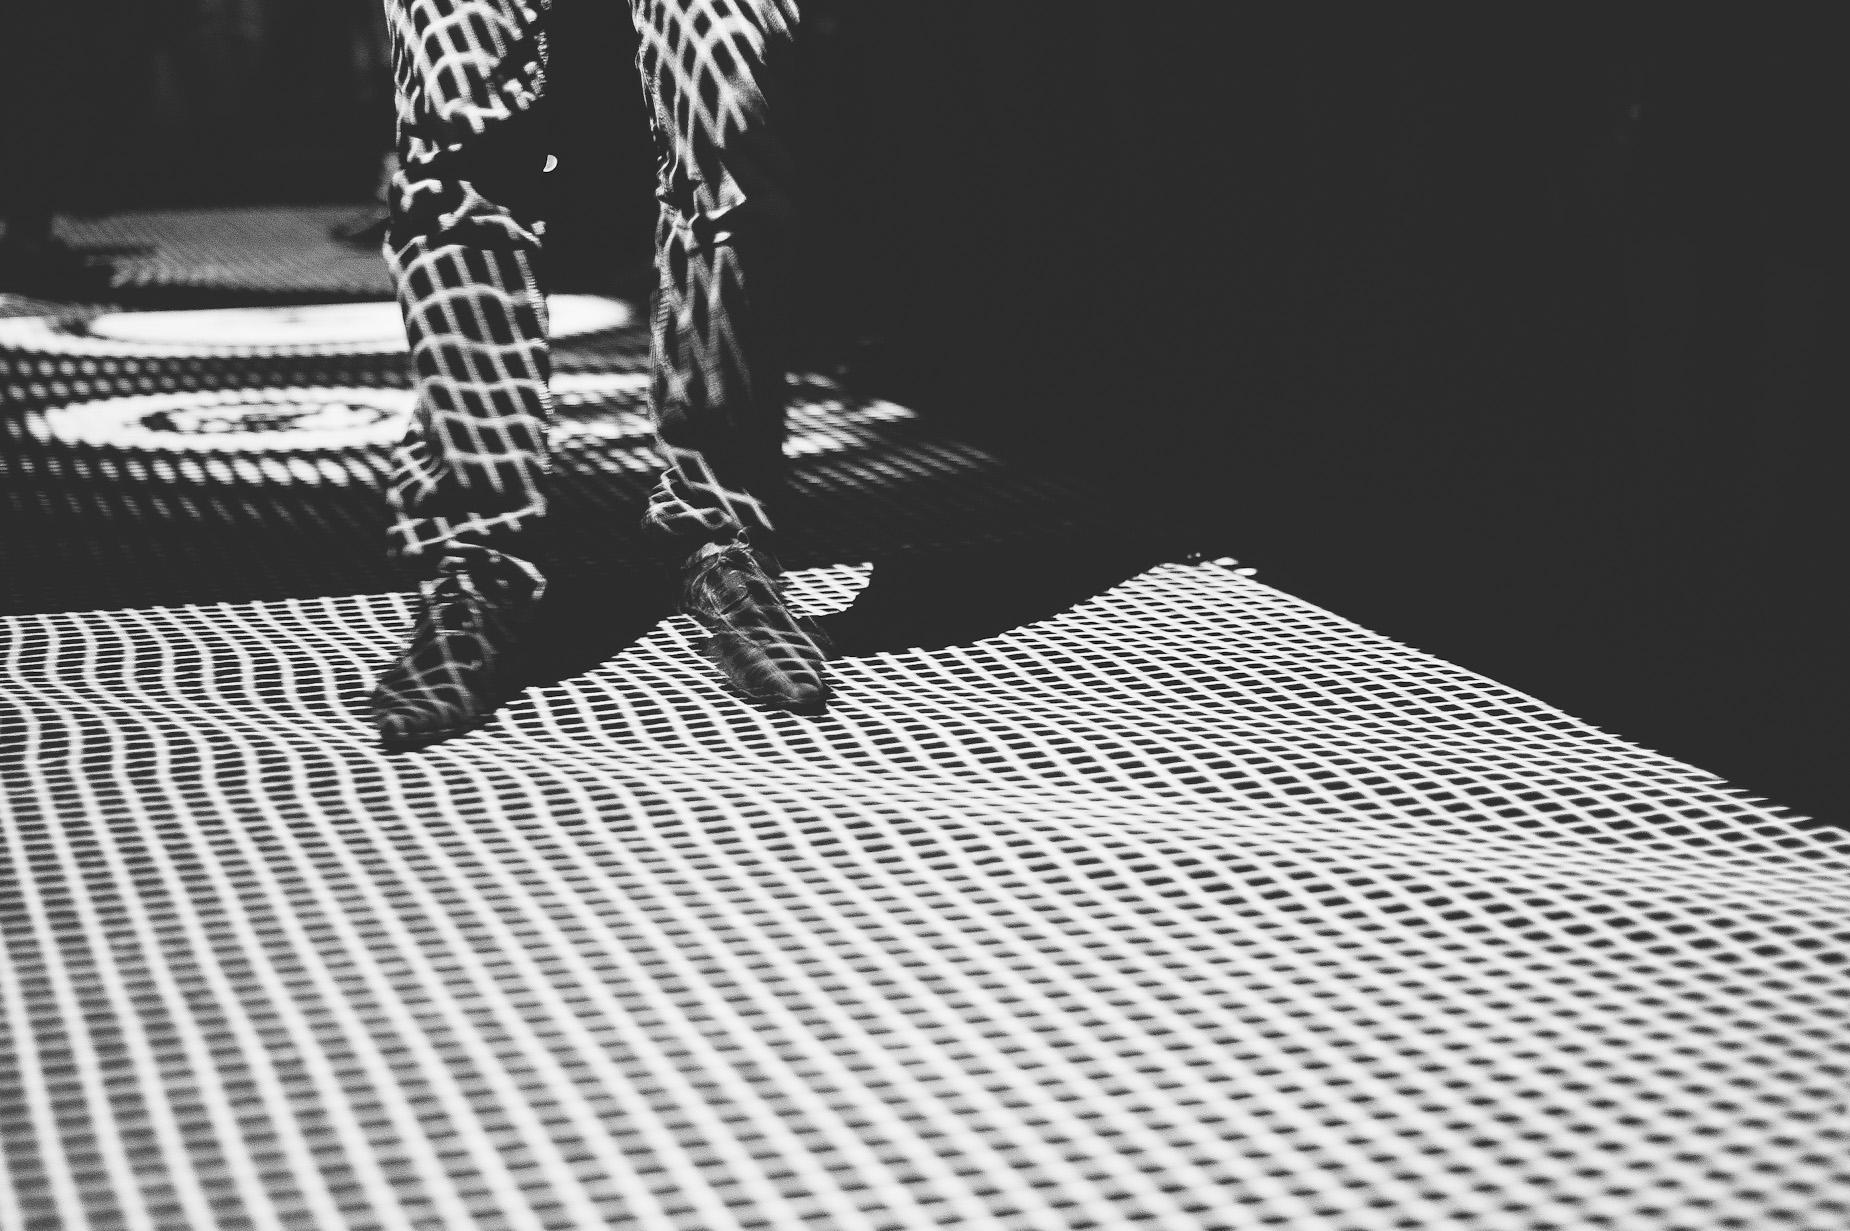 Fabric Play_Wenting Guo & Yun Fu_Illuminus 2014_1.jpg